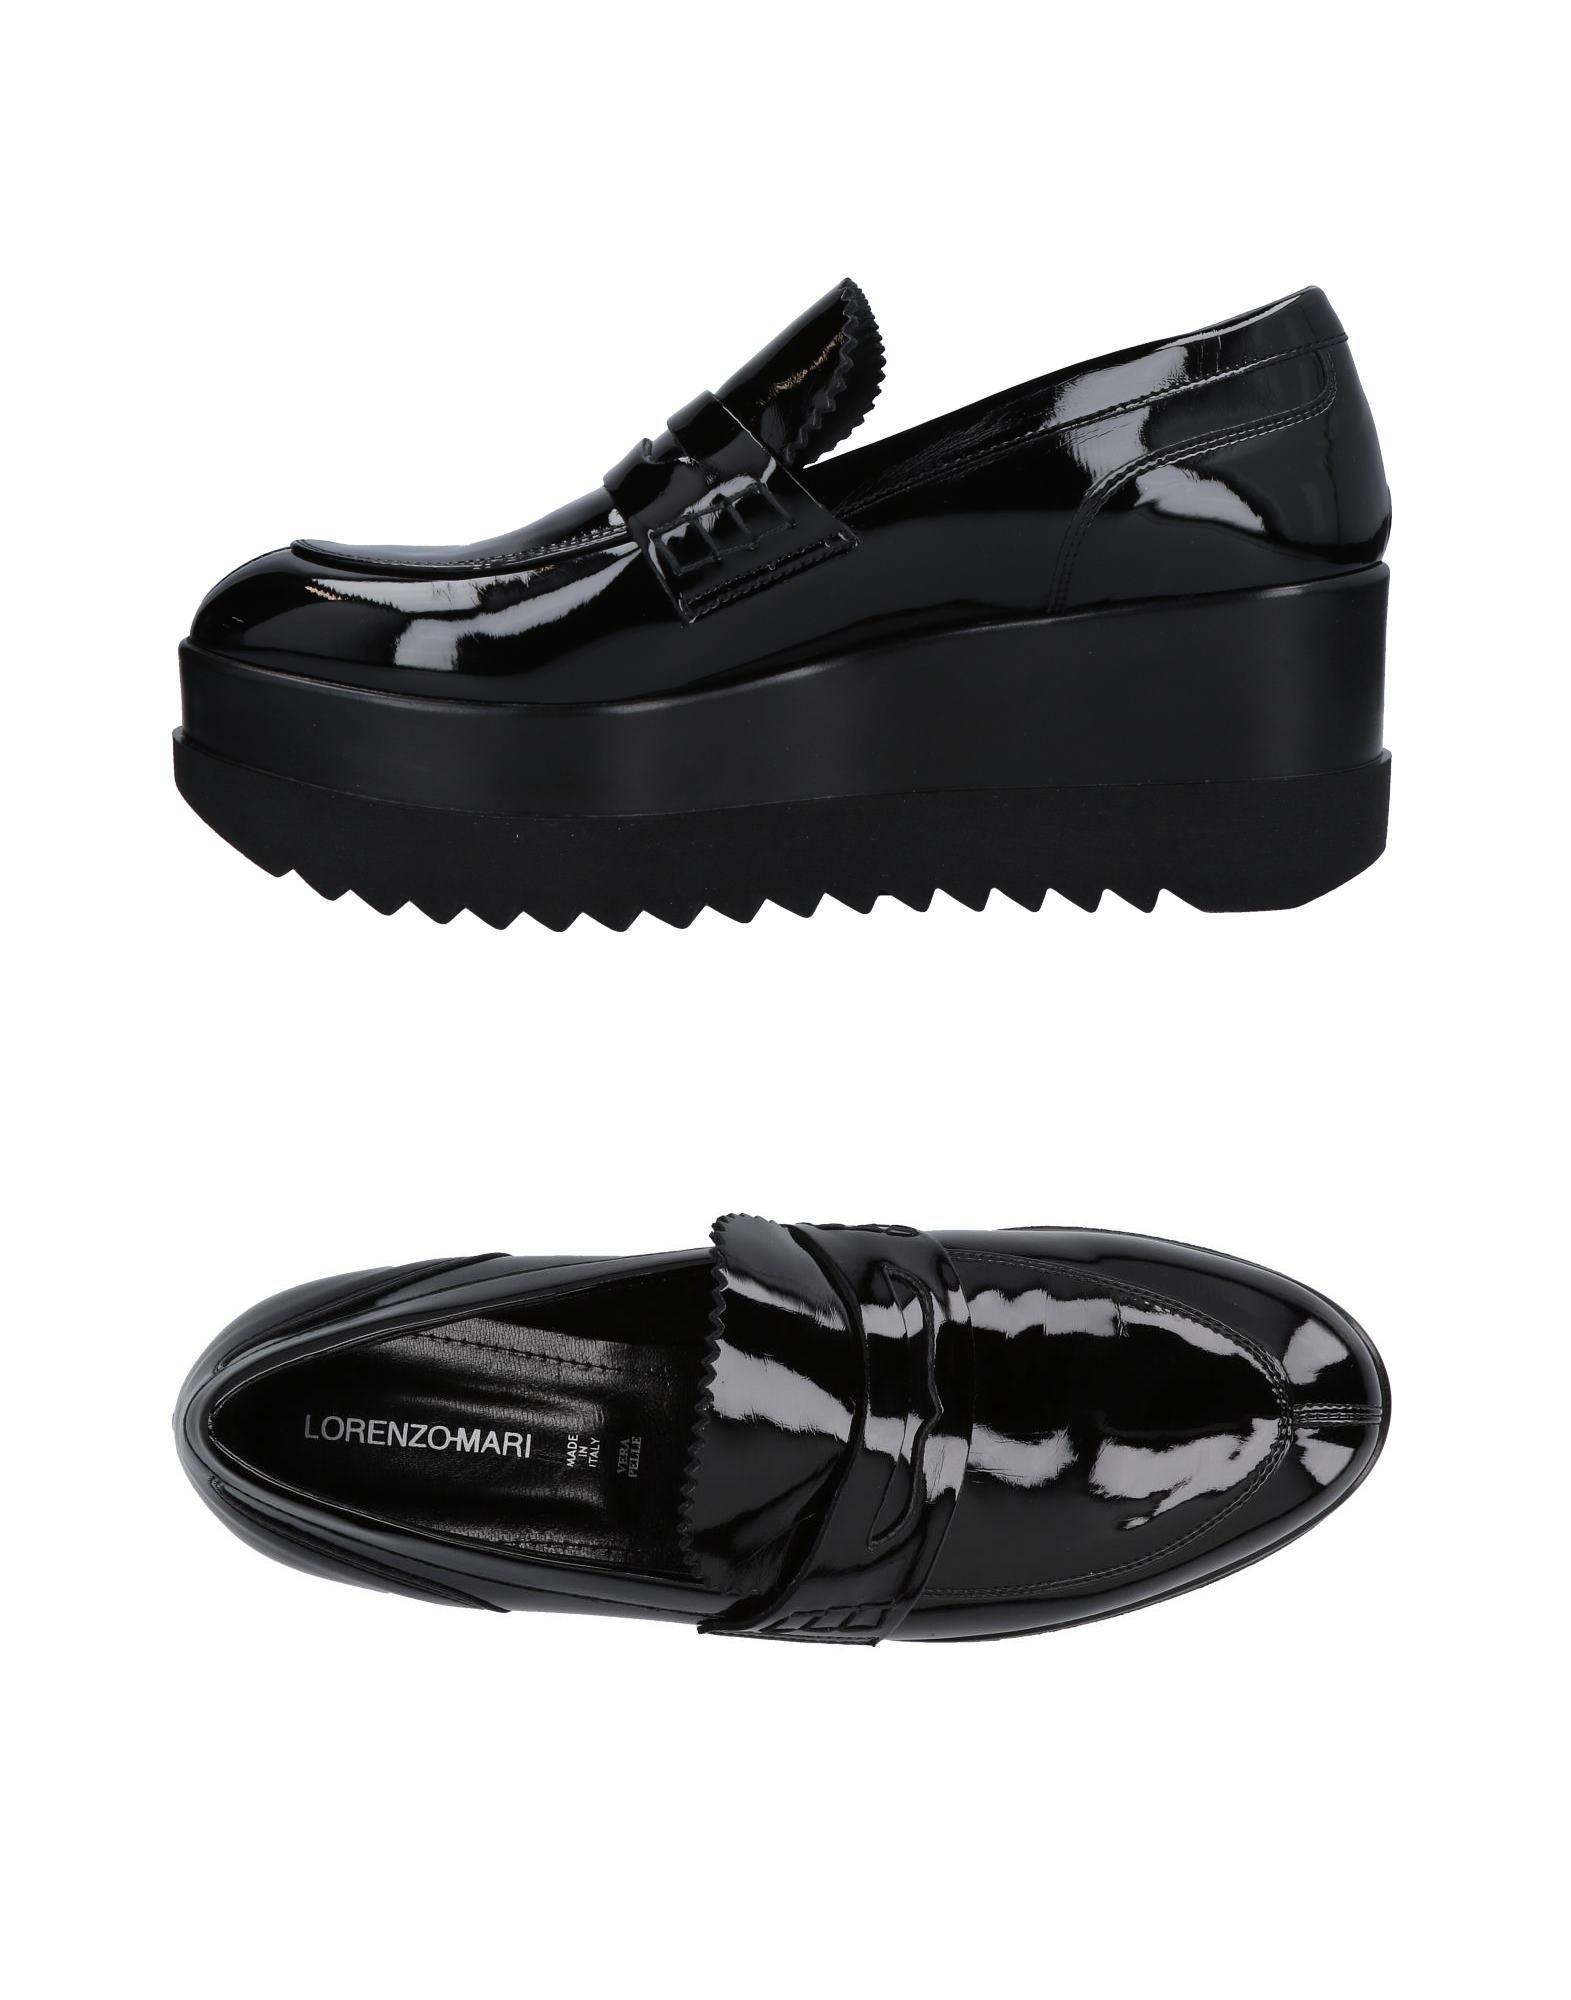 Lorenzo Mari Mokassins Damen  11495790FJ Gute Gute Gute Qualität beliebte Schuhe a42afb